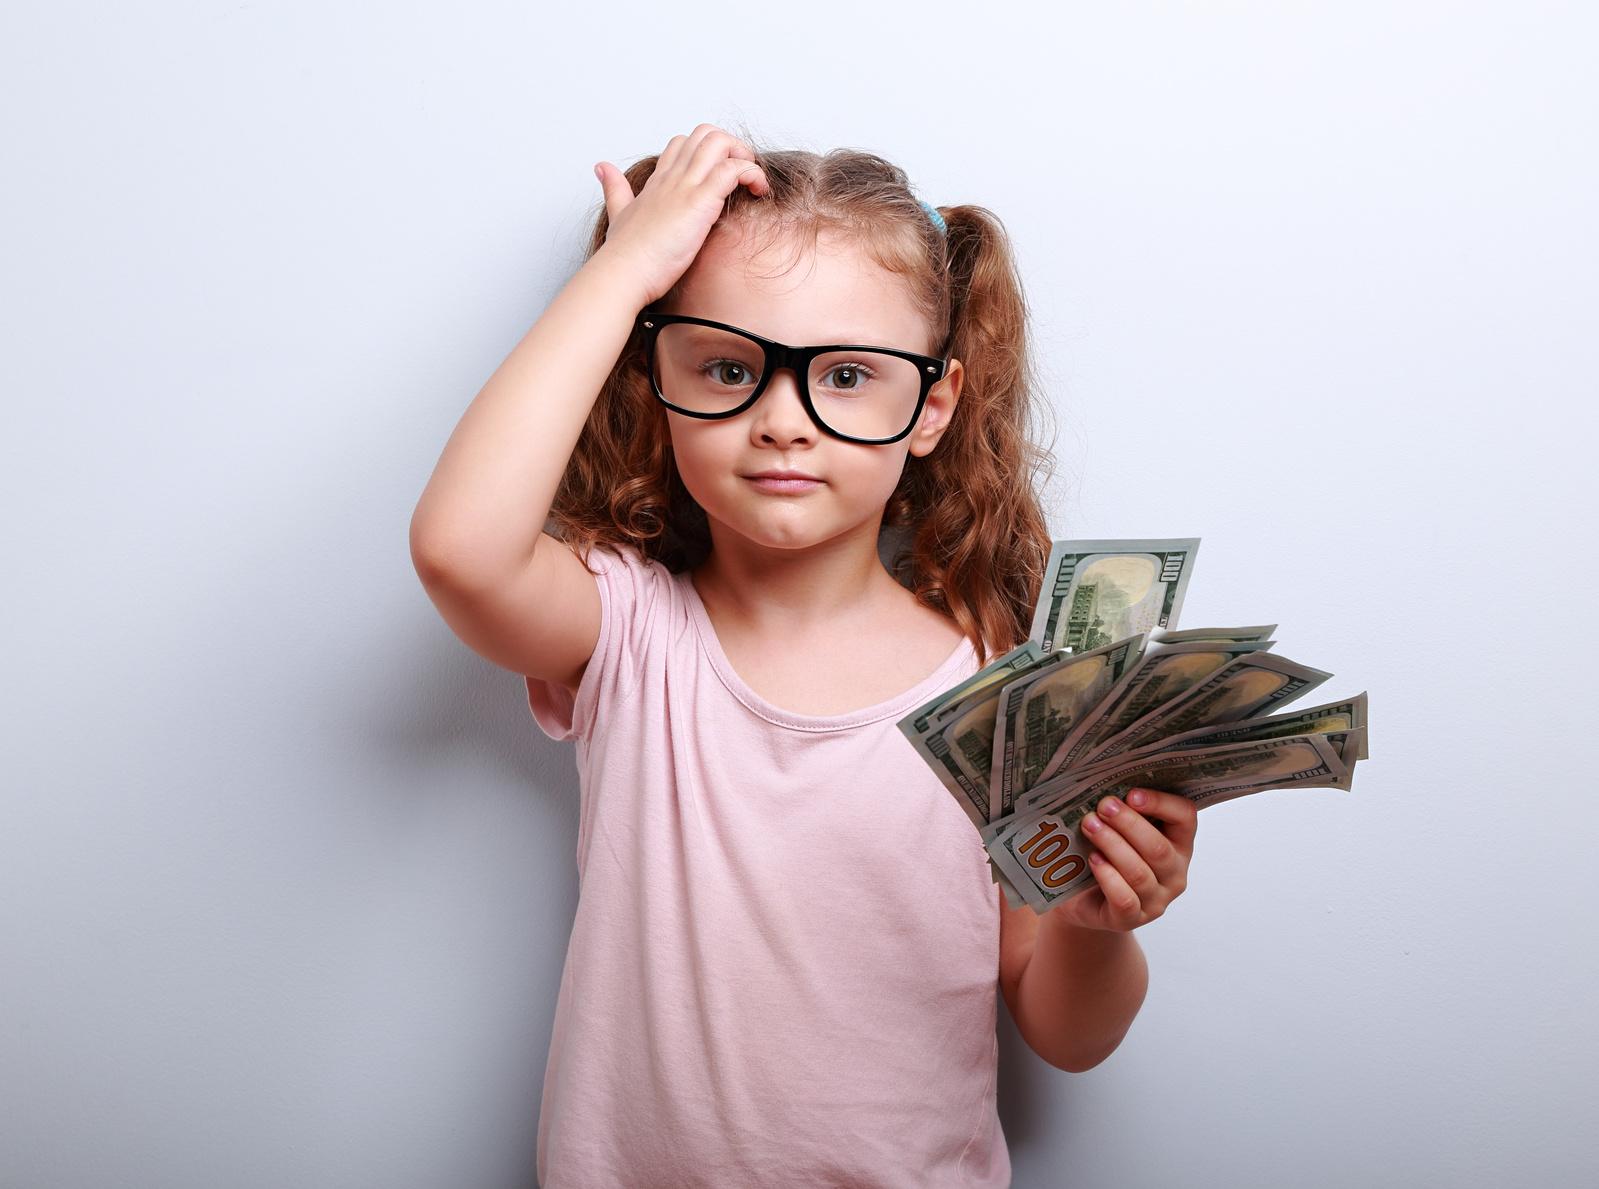 dziecko, edukacja finansowa, nauka, pieniądze, oszczędzanie, przedsiębiorczość, Ekantor.pl